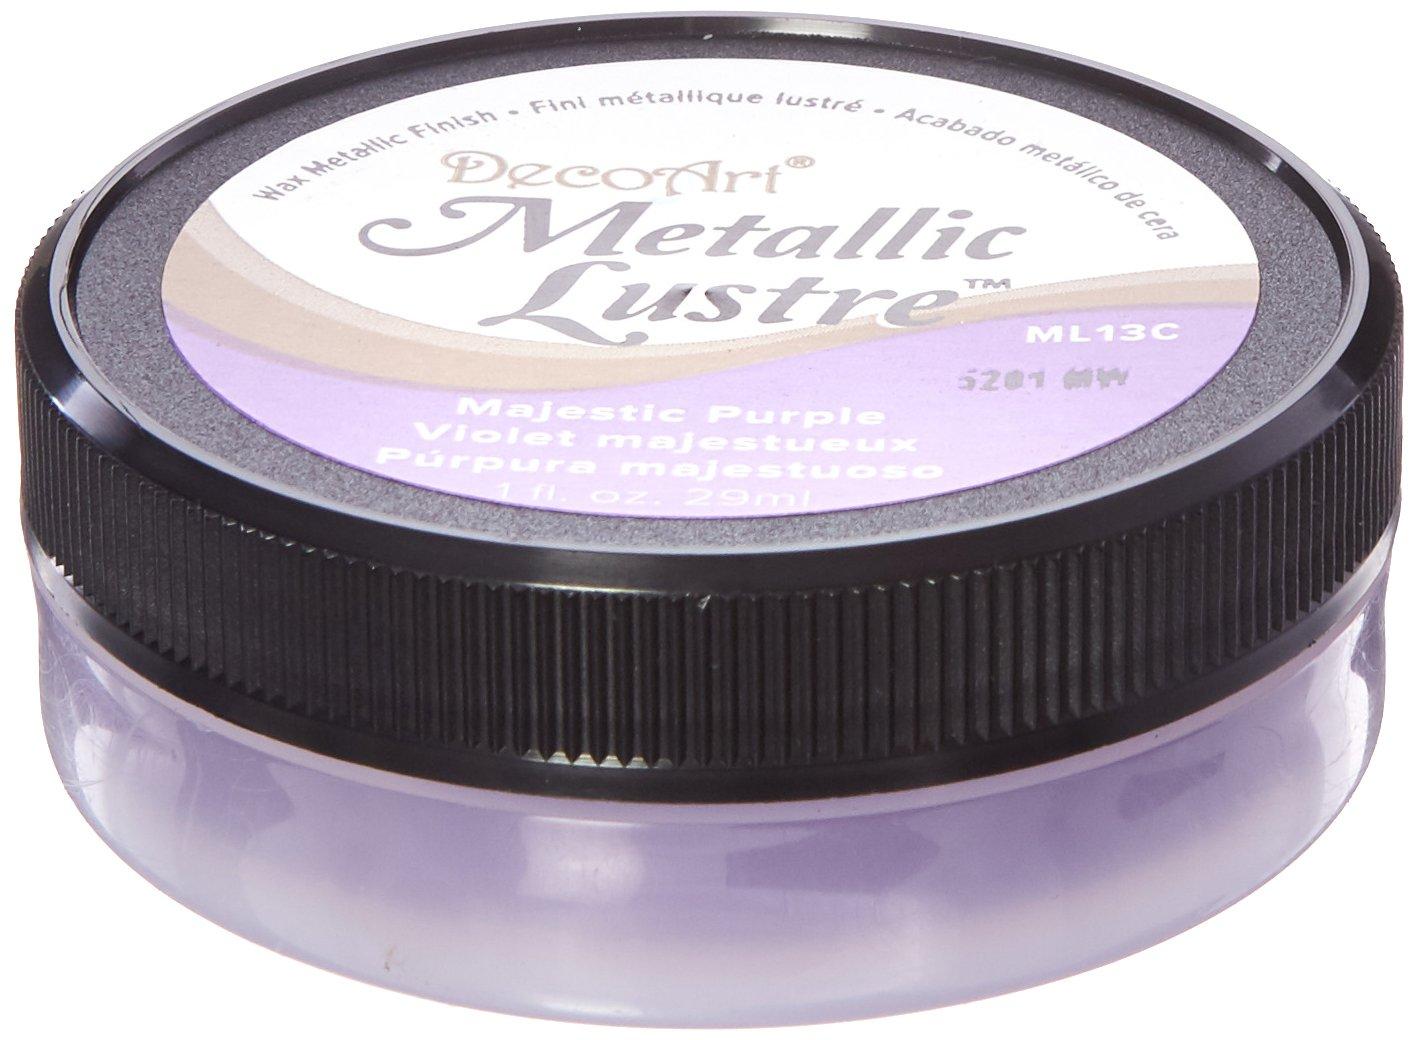 Artdeco DecoArt Metallic Lustre, cera per finitura, 28,3 g, colore Majestic Purple, (Etichetta in lingua inglese) Notions Marketing ML-81-13